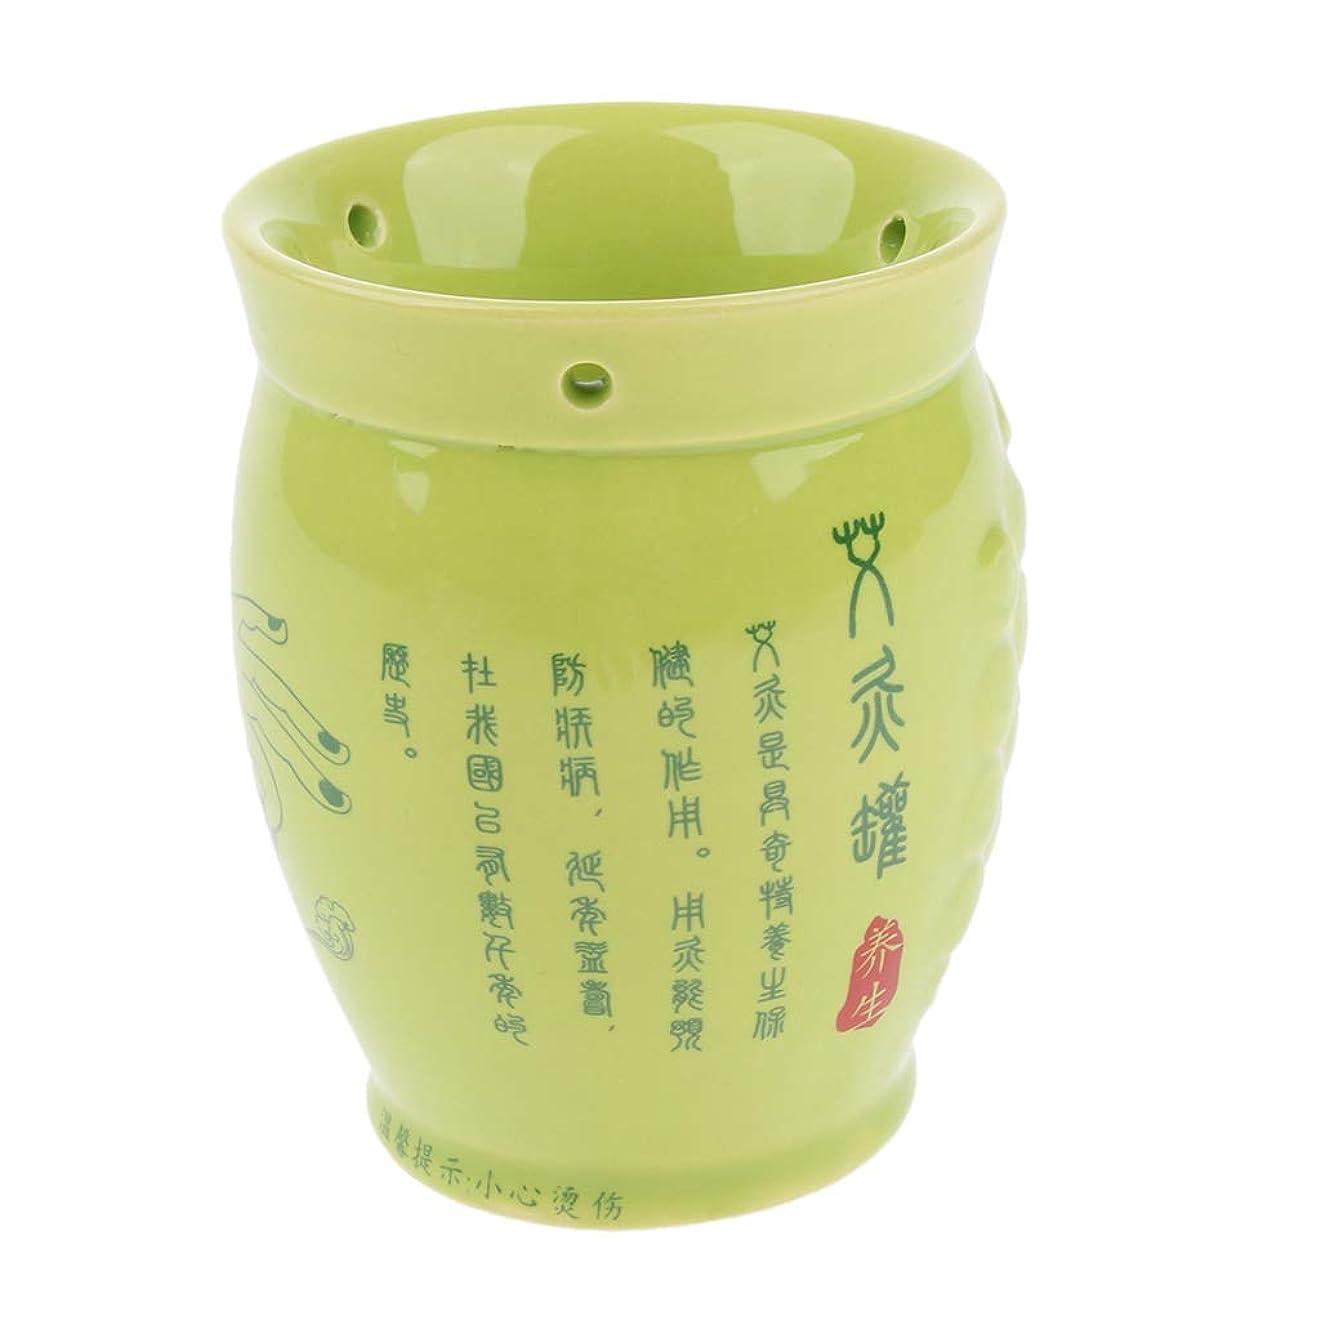 ヘクタール絶対にピケFLAMEER マッサージカッピングカップ 缶 ポット お灸 中国式 セラミック 疲労軽減 男女兼用